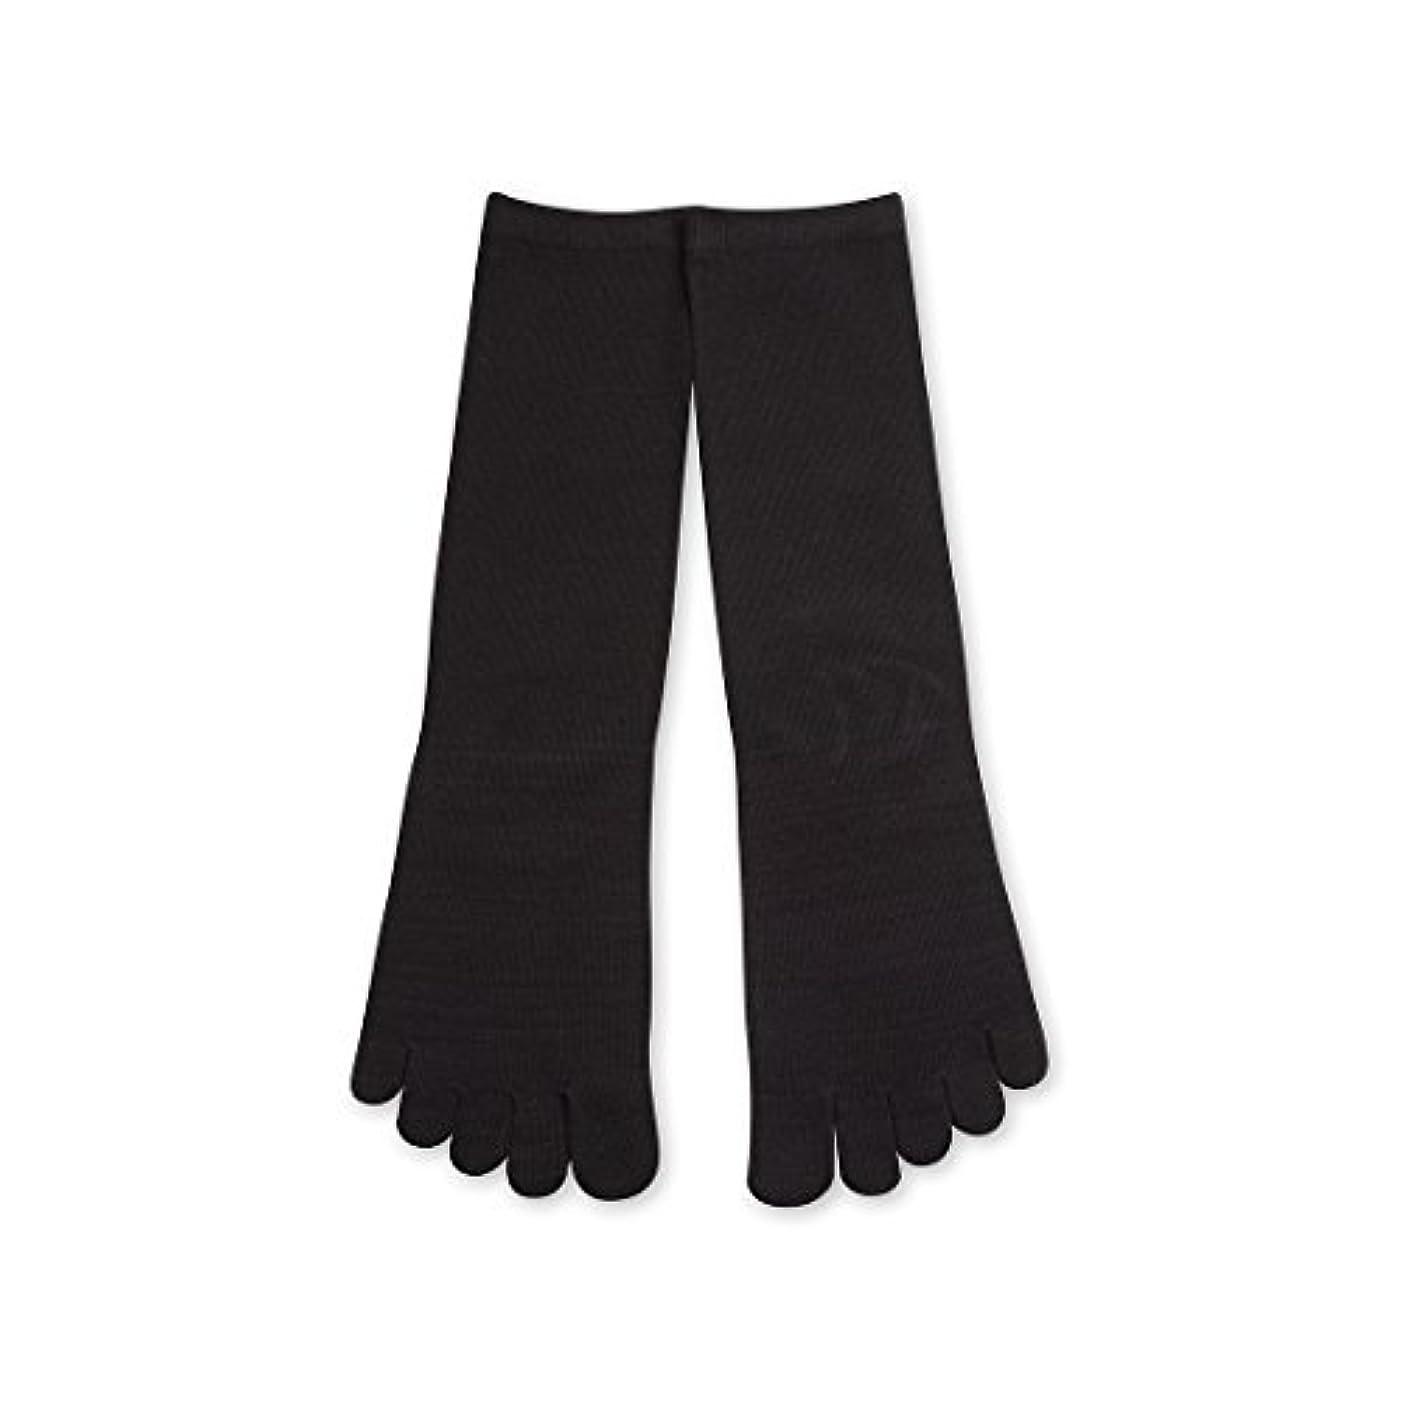 養う安定荒廃するDeol(デオル) 5本指 ソックス 男性用 靴下 25~27cm 黒